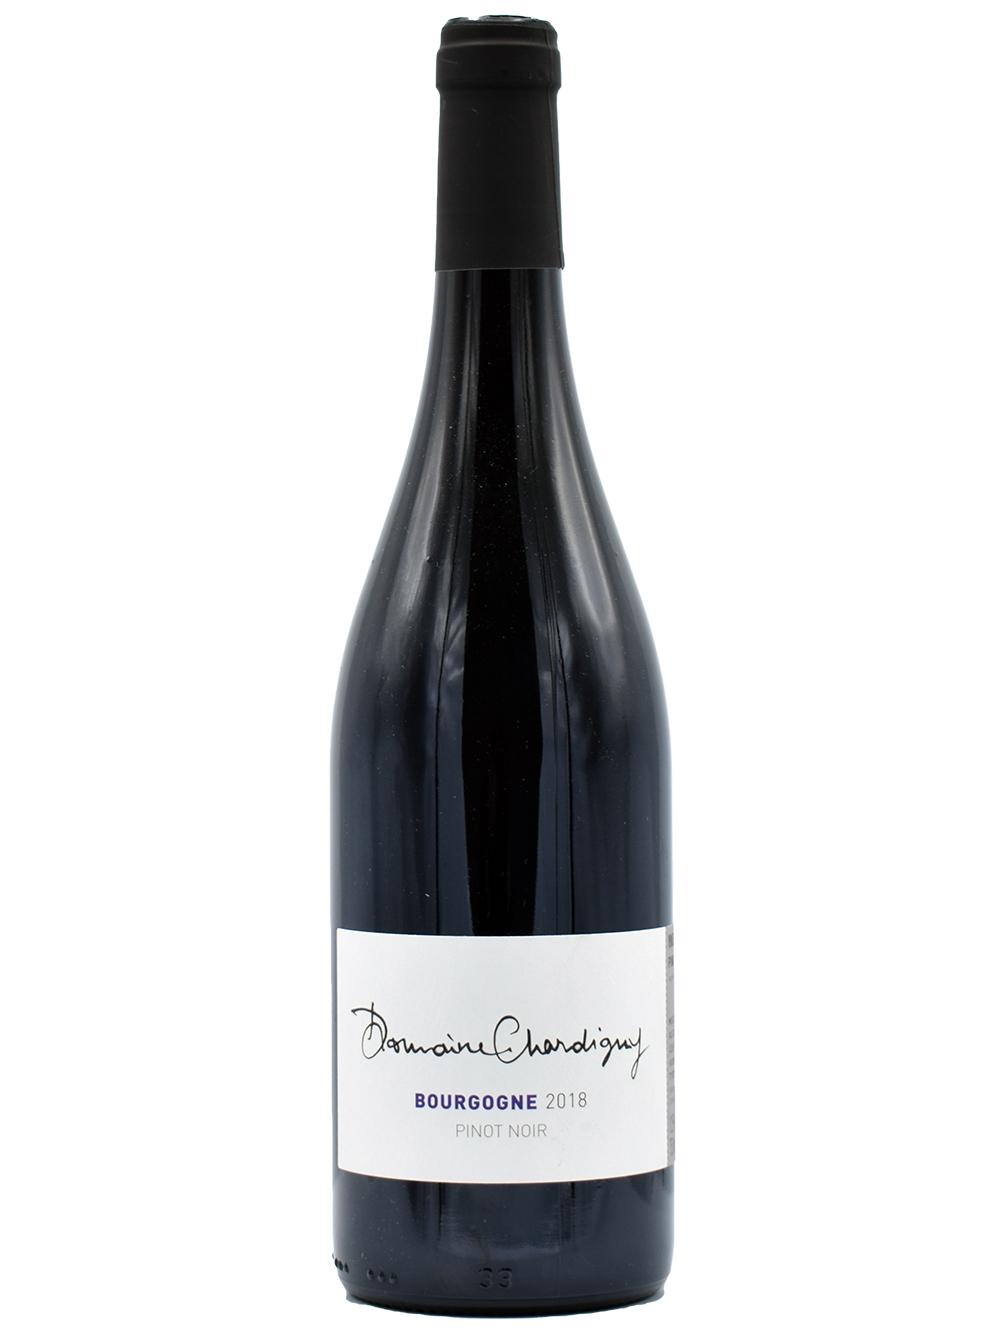 2018 Bourgogne Pinot Noir